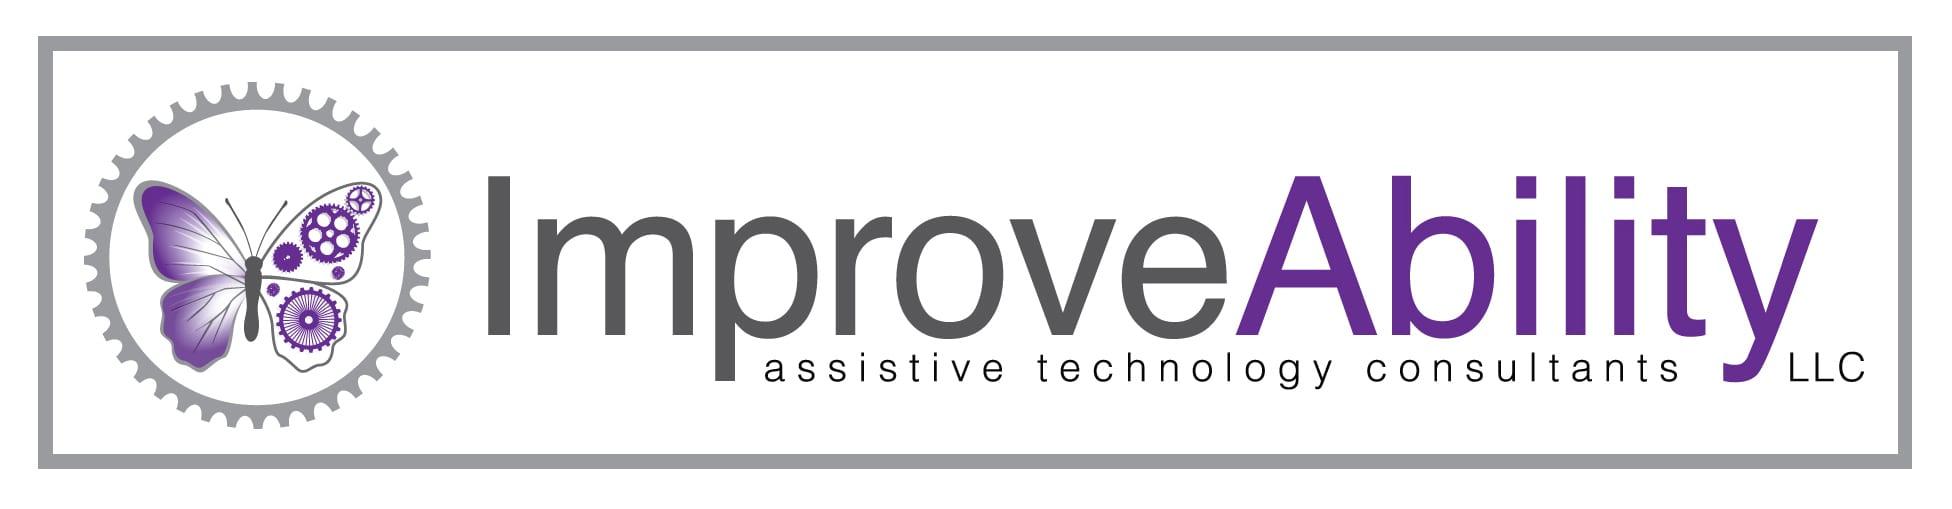 ImproveAbility